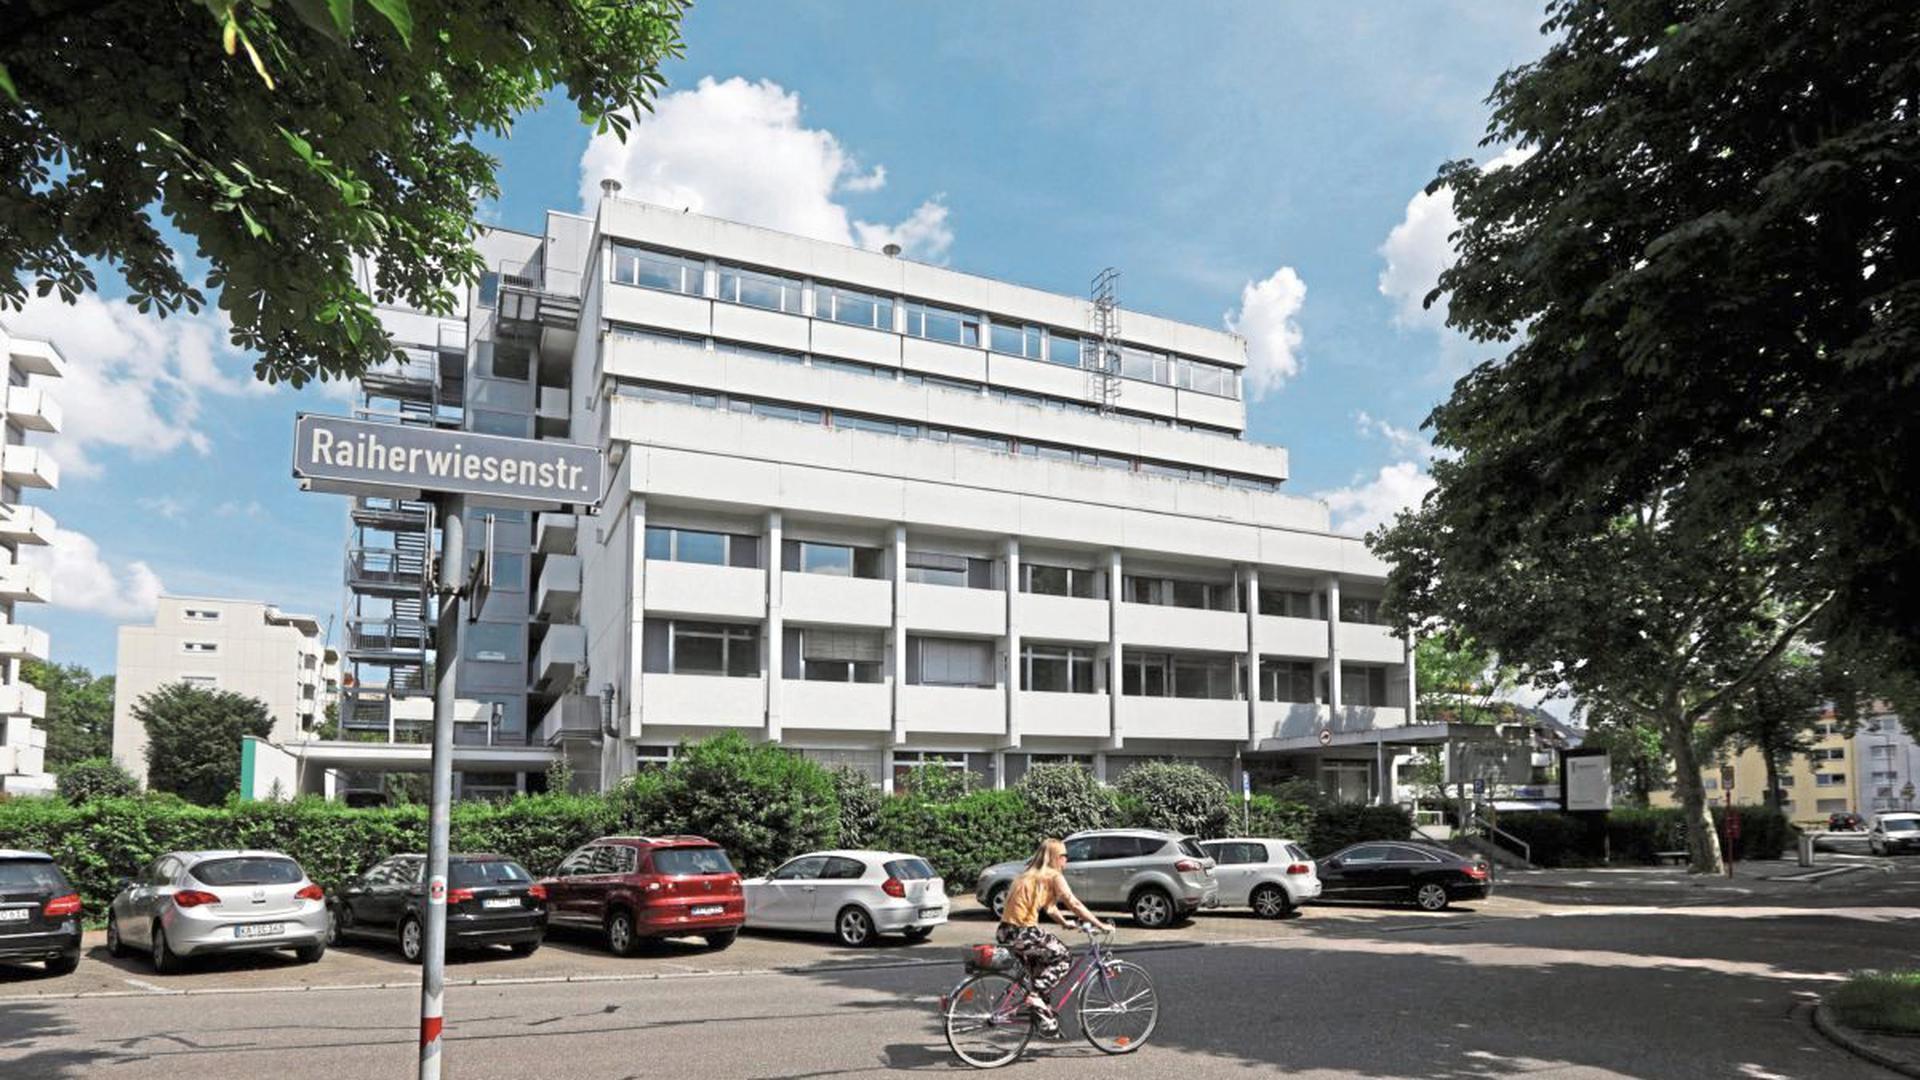 80 Betten für Corona-Patienten könnten in der ehemaligen Karlsruher Paracelsus-Klinik untergebracht werden.